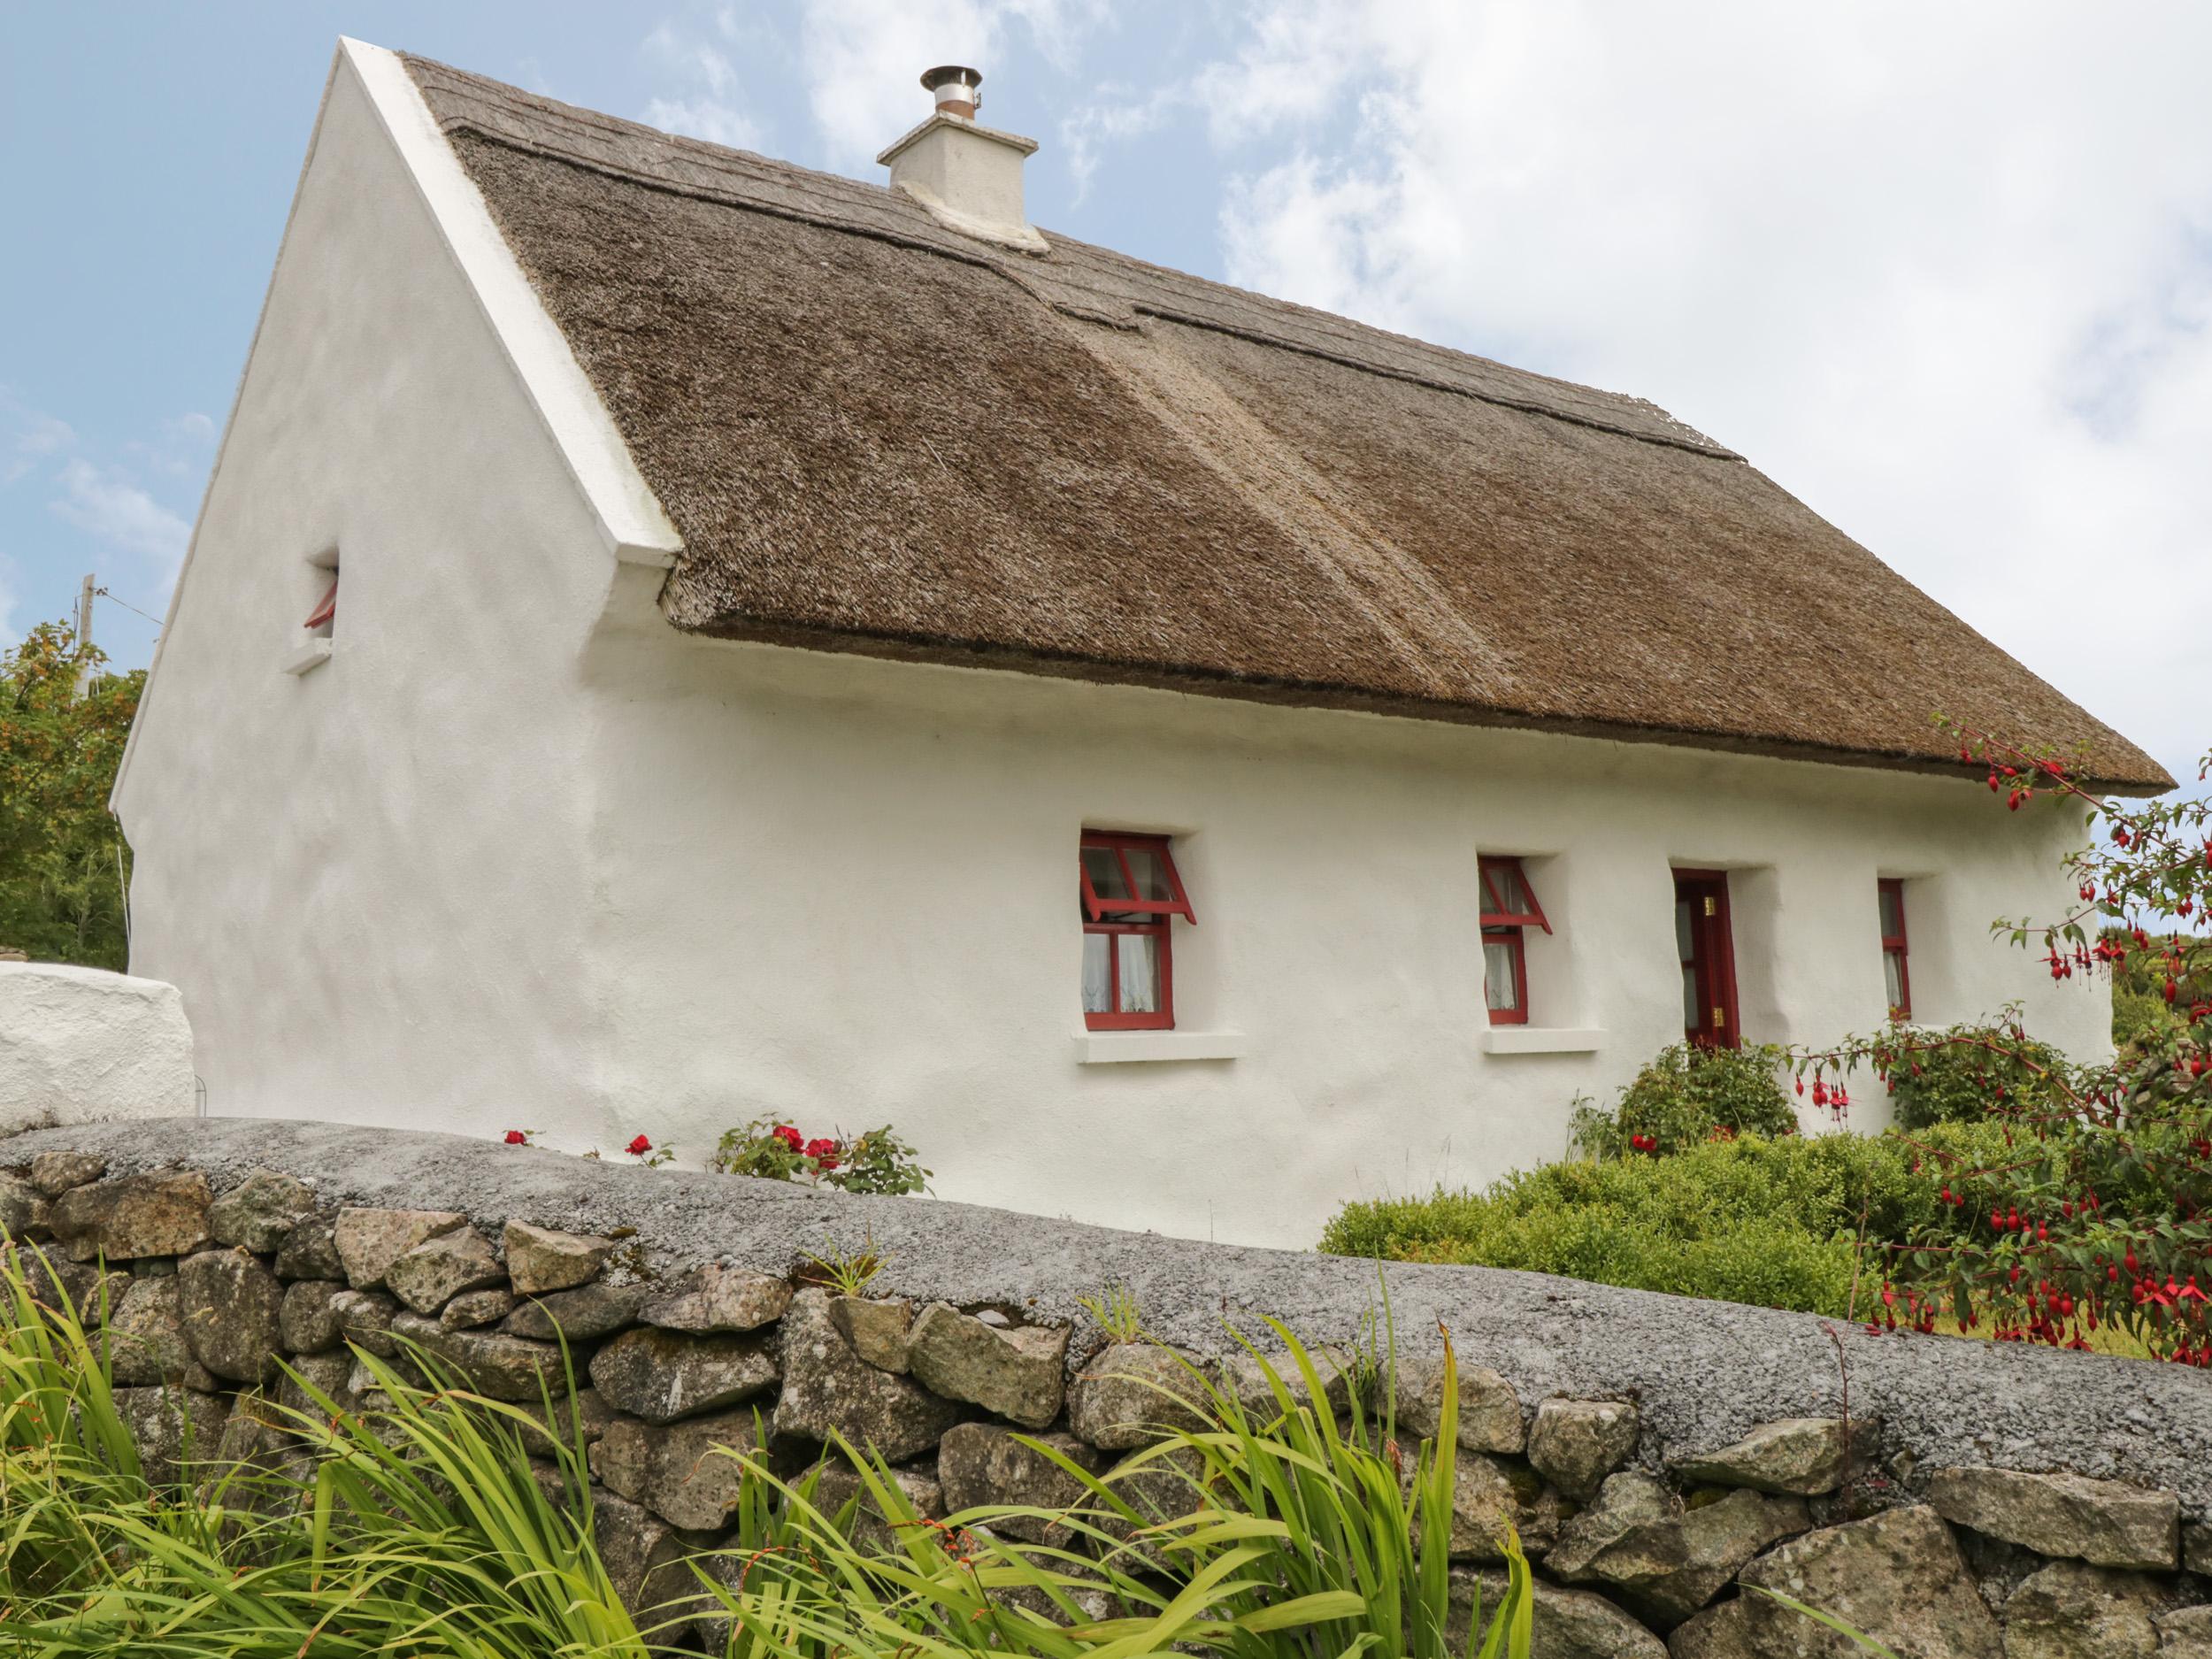 Spiddal Thatch Cottage